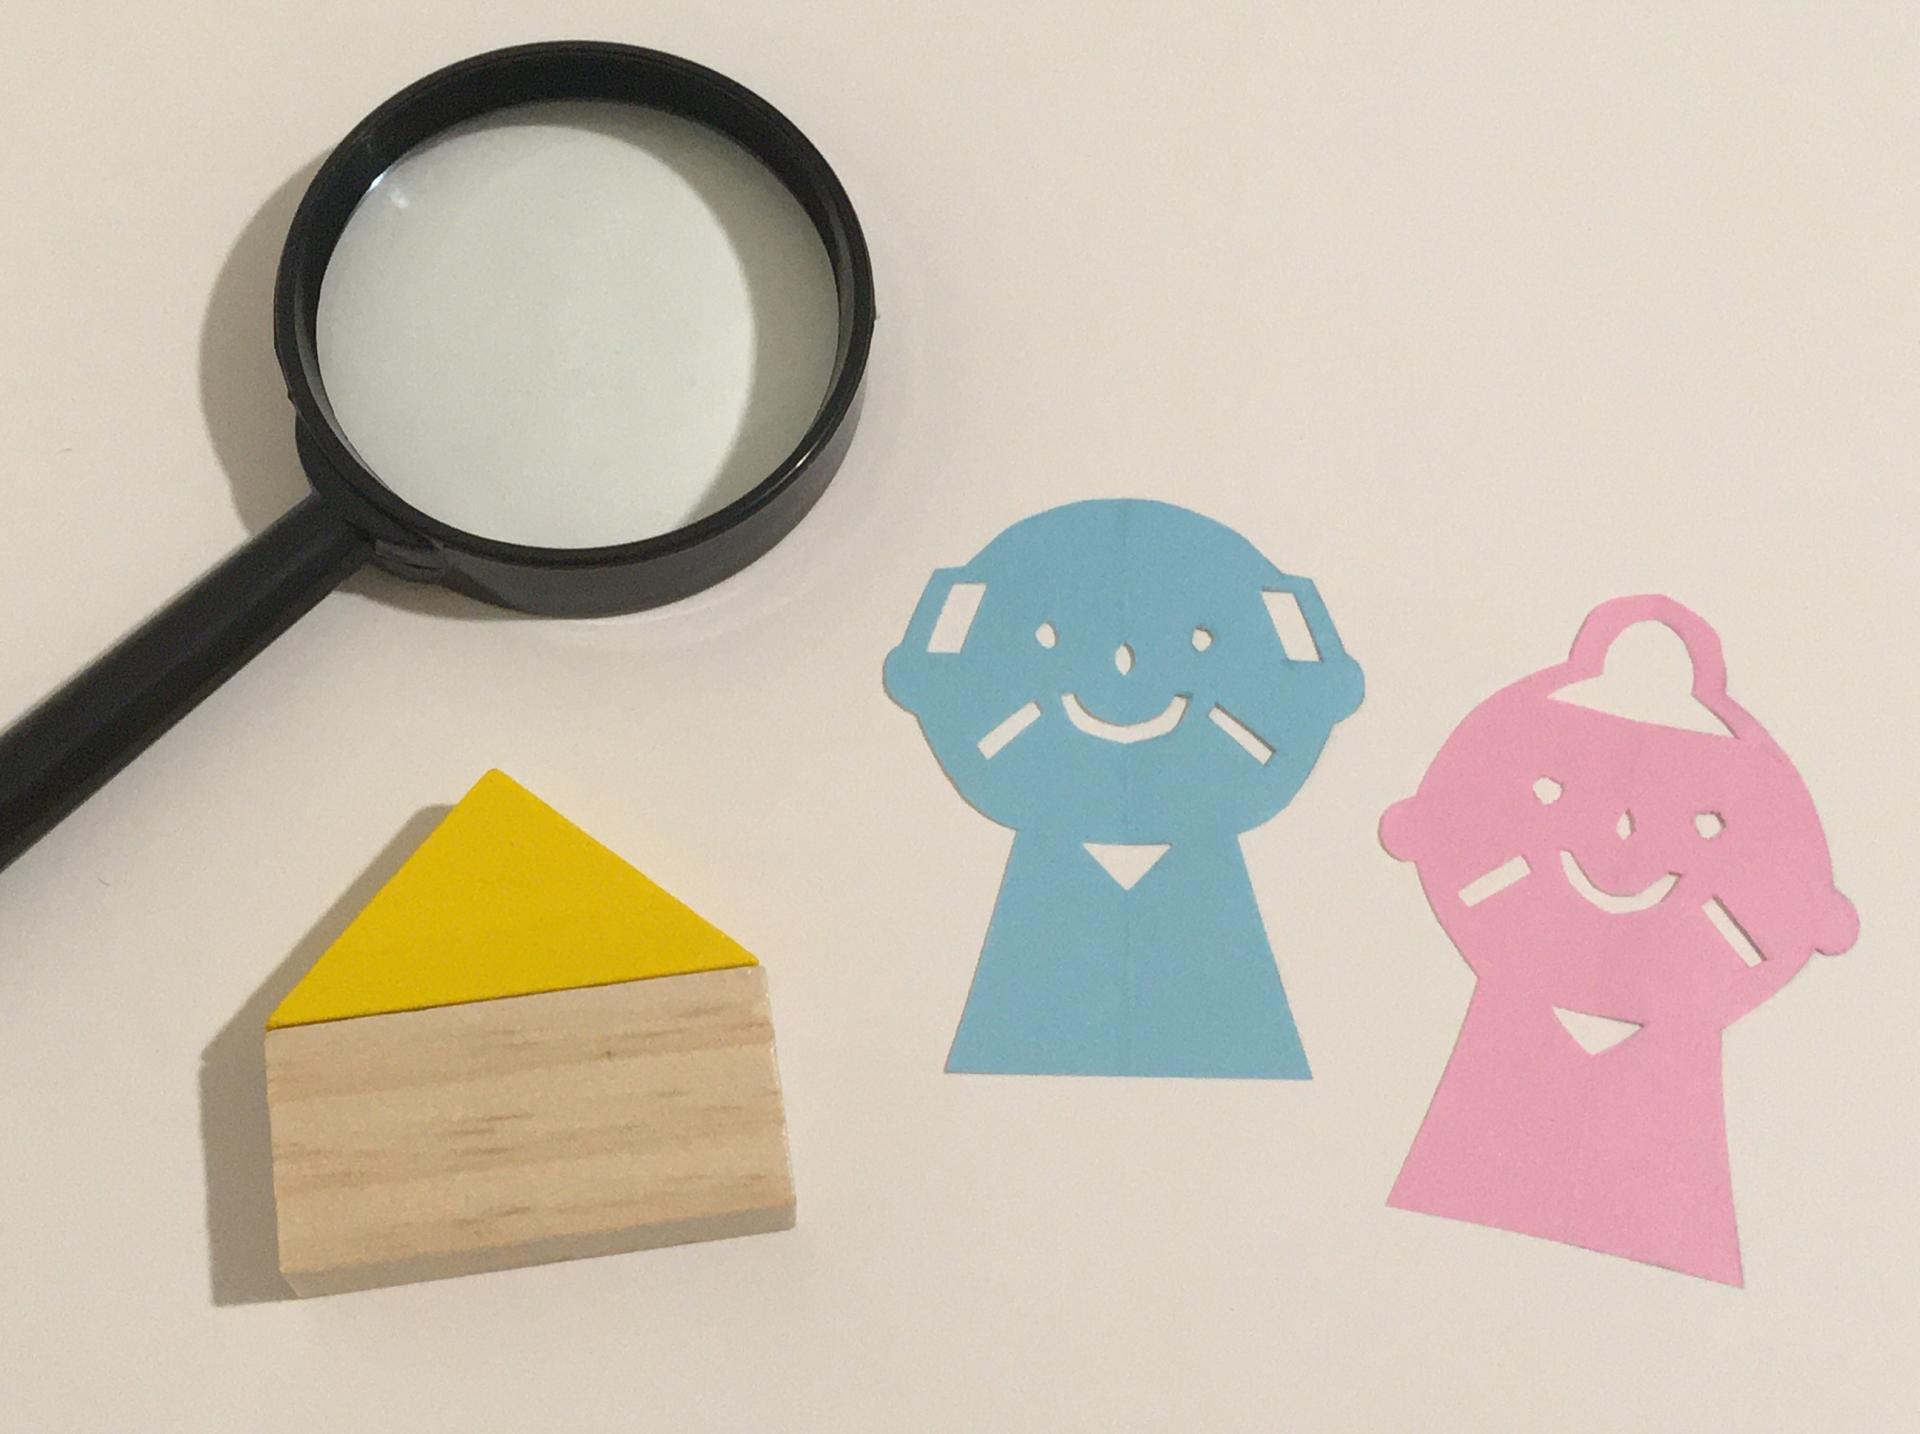 【賃貸は断られる?】老後住宅問題の3つのケースと対応策